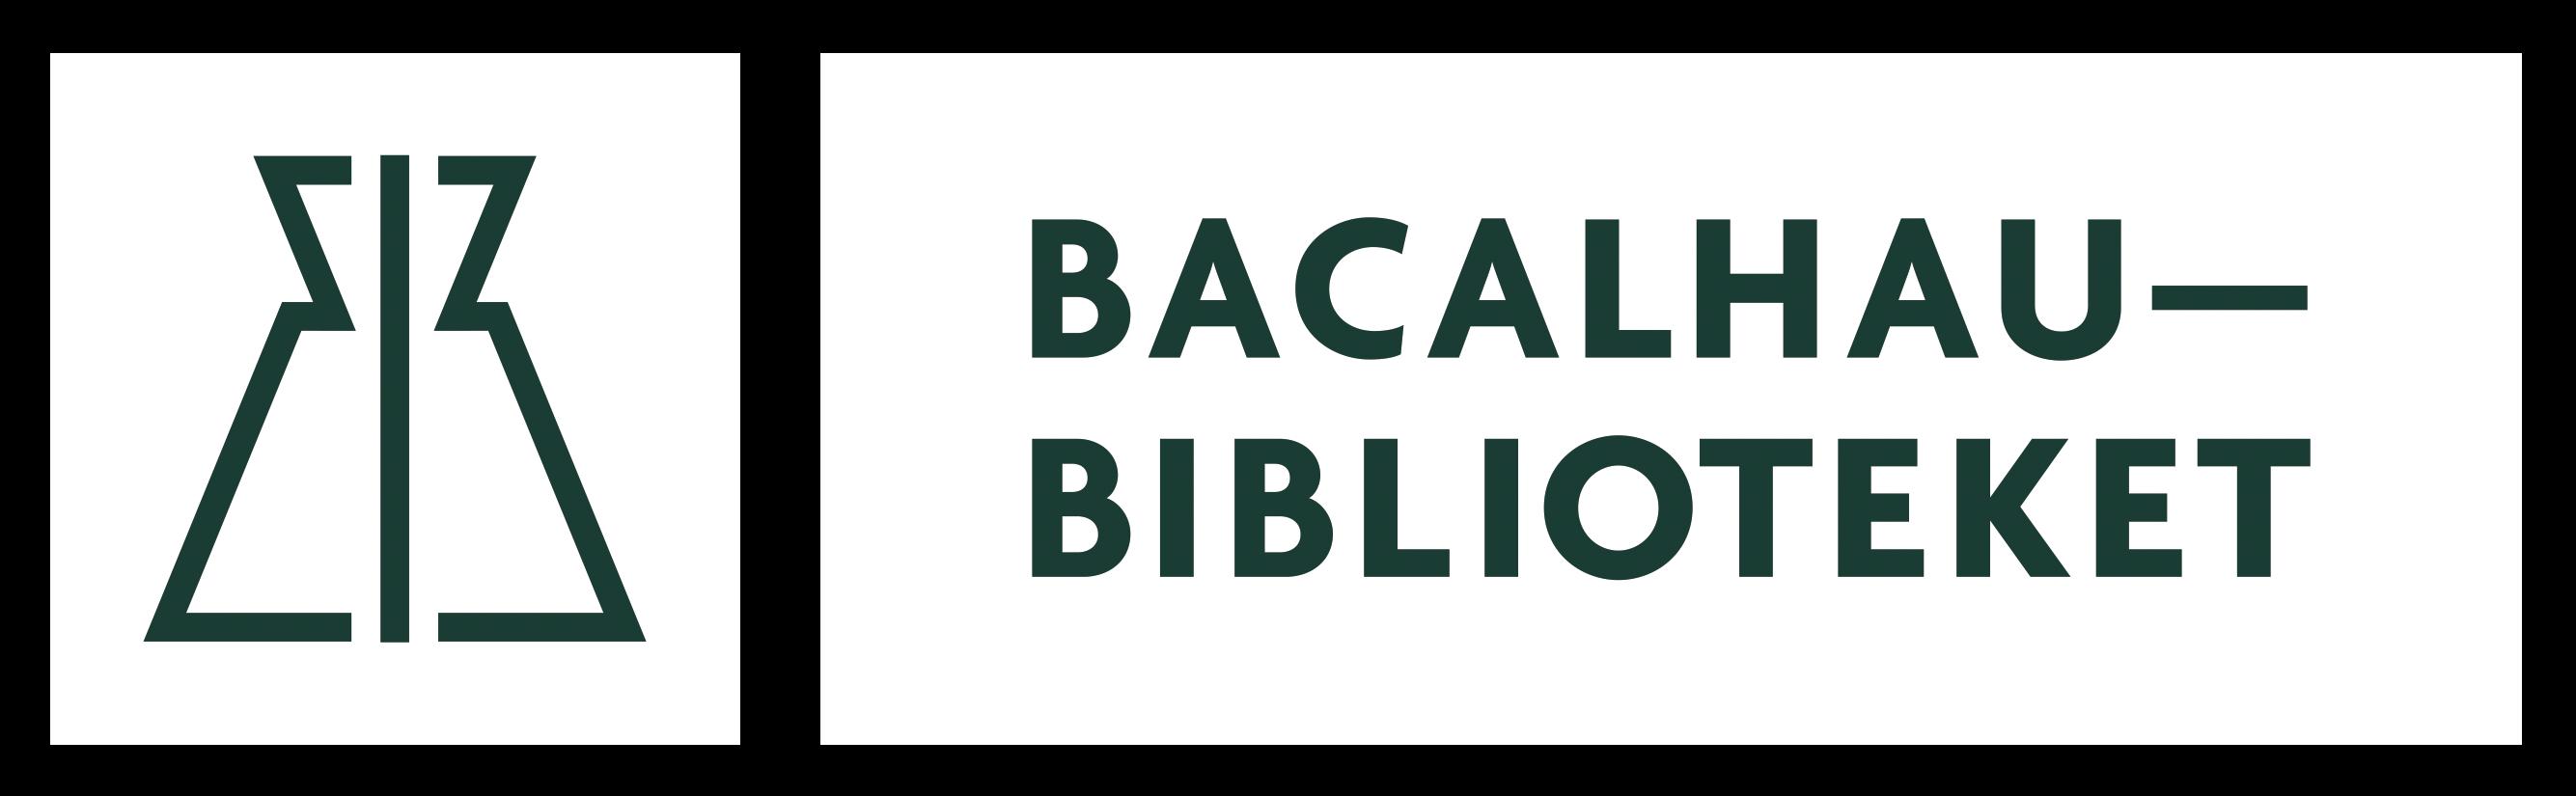 Bacalhaubiblioteket